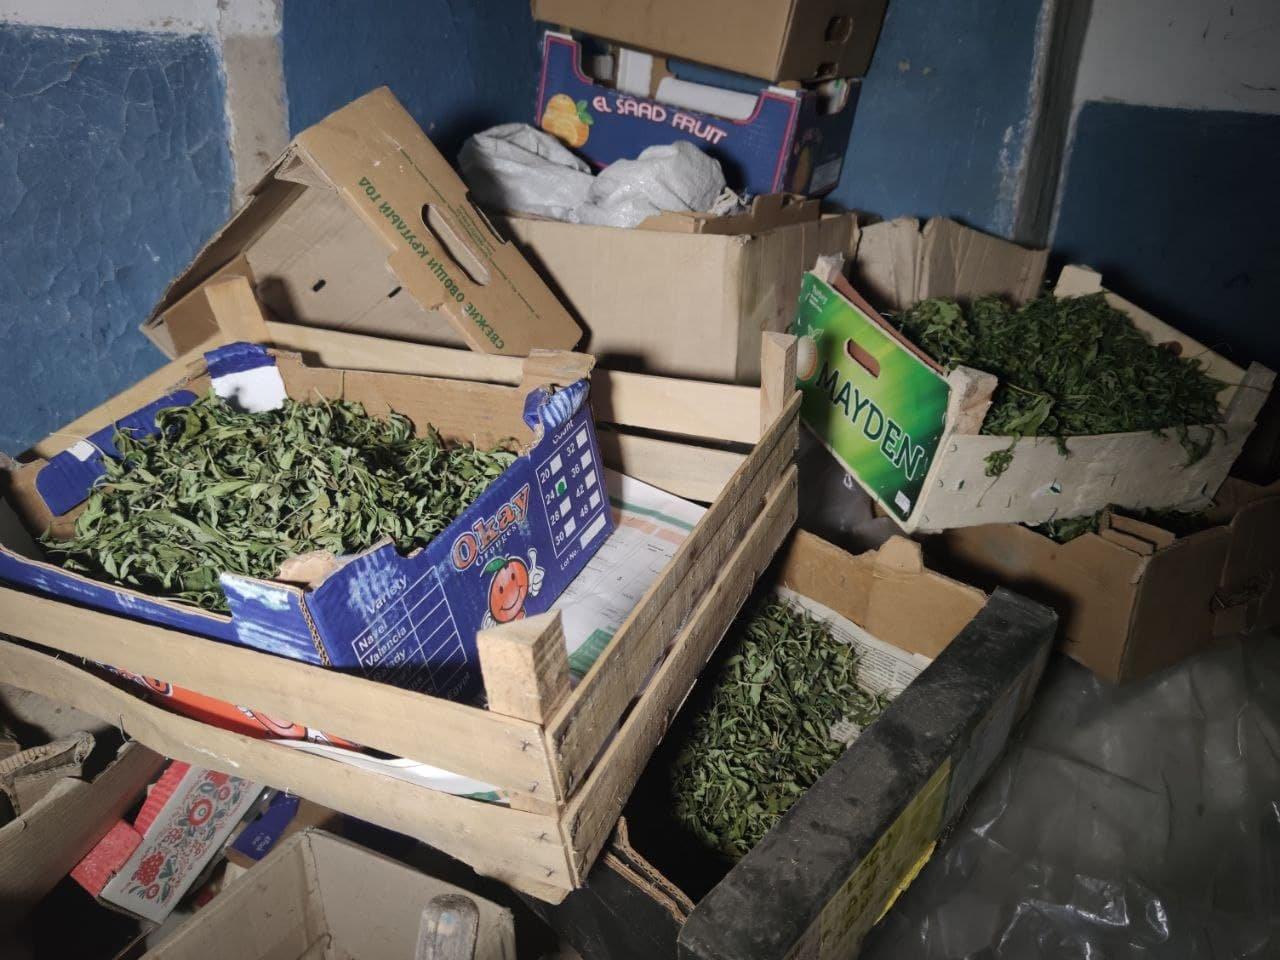 У сімейного дебошира з Райгородка знайшли шість ящиків з марихуаною, фото-1